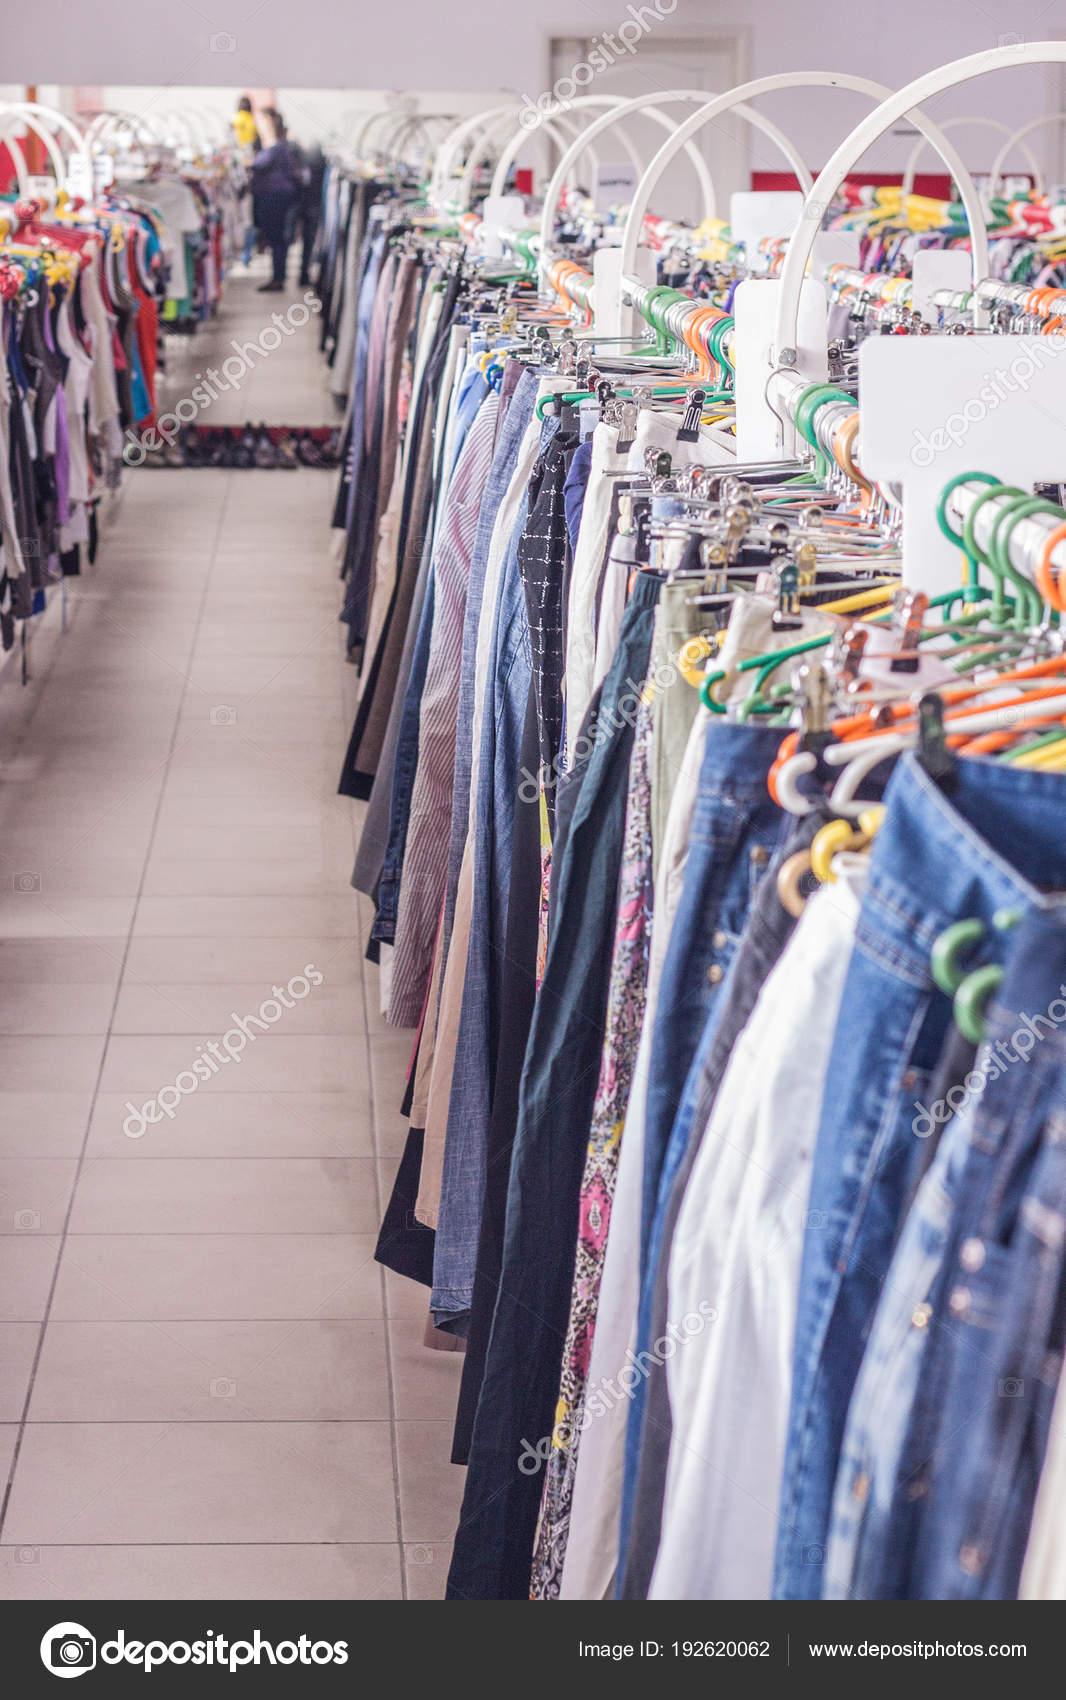 7877ac1b8 Ruházati állvány. A ruhát akasztók tárolja. Sekély dof — Stock Fotó ...